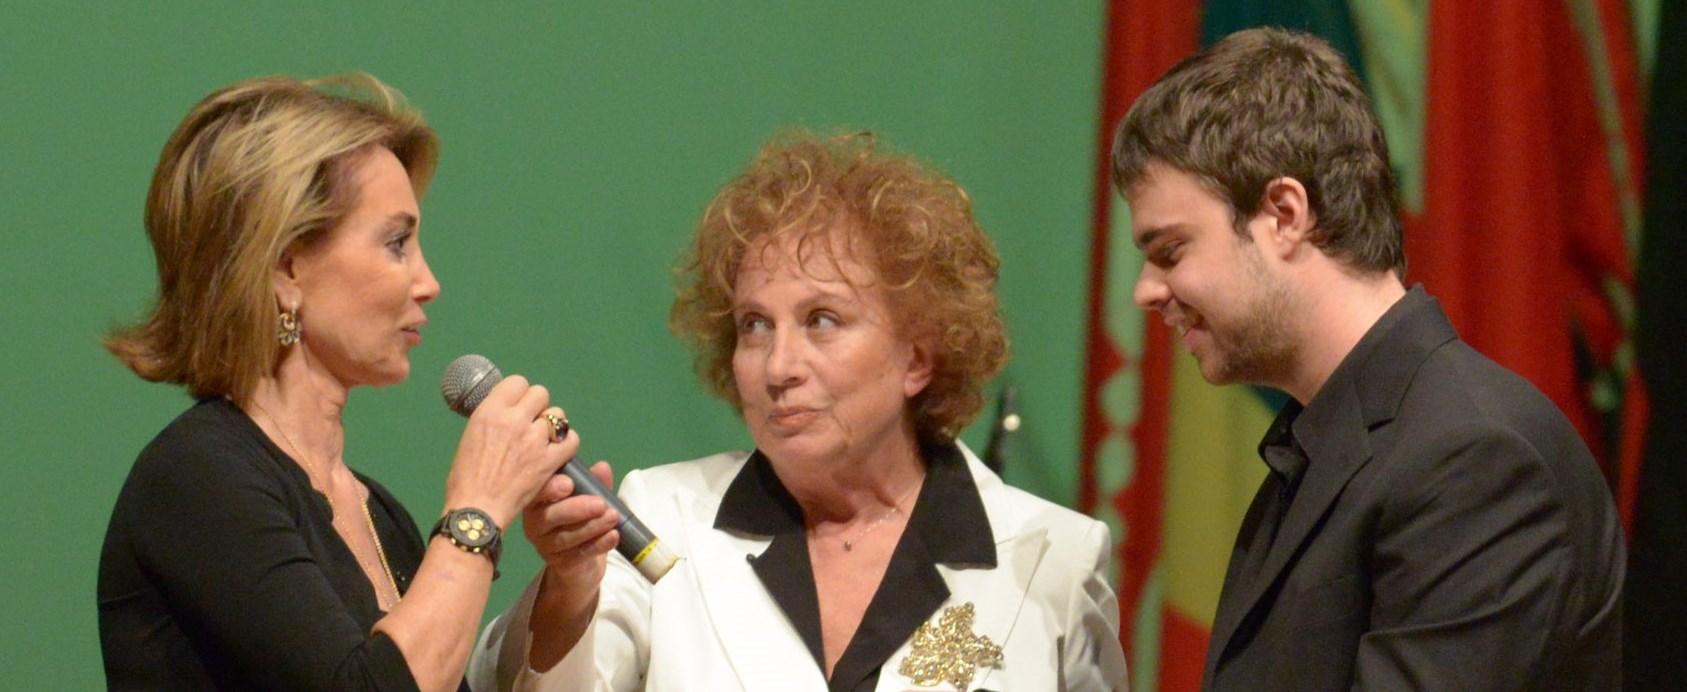 """XXVII Concorso Pianistico Internazionale """"Roma"""" – Articolo su """"La Repubblica"""" del 3 settembre 2017"""